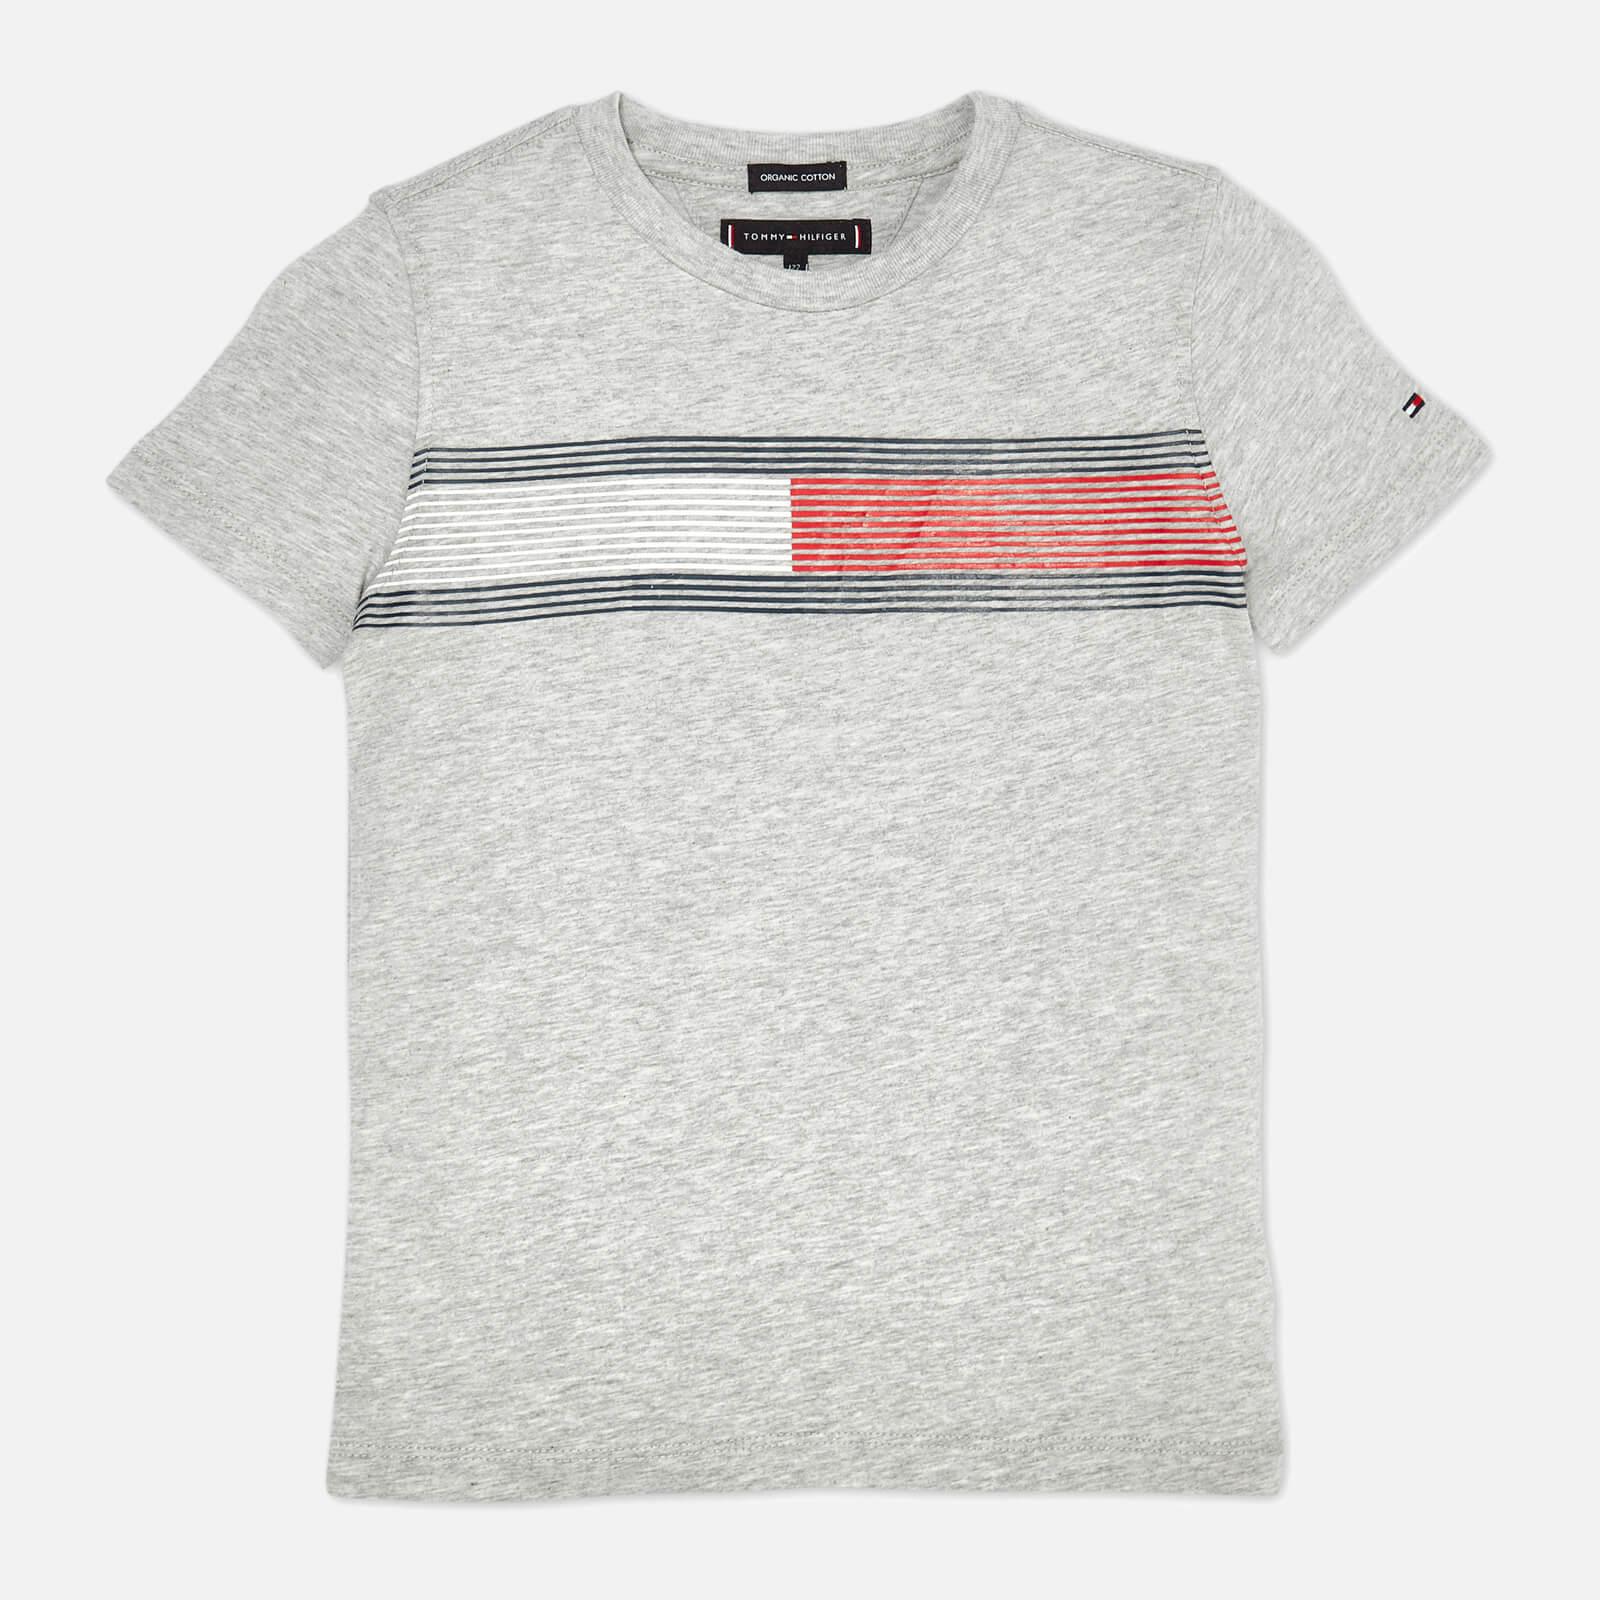 98b9f7bf Tommy Hilfiger Boys' Essential Flag Logo T-Shirt - Grey Heather Clothing |  TheHut.com